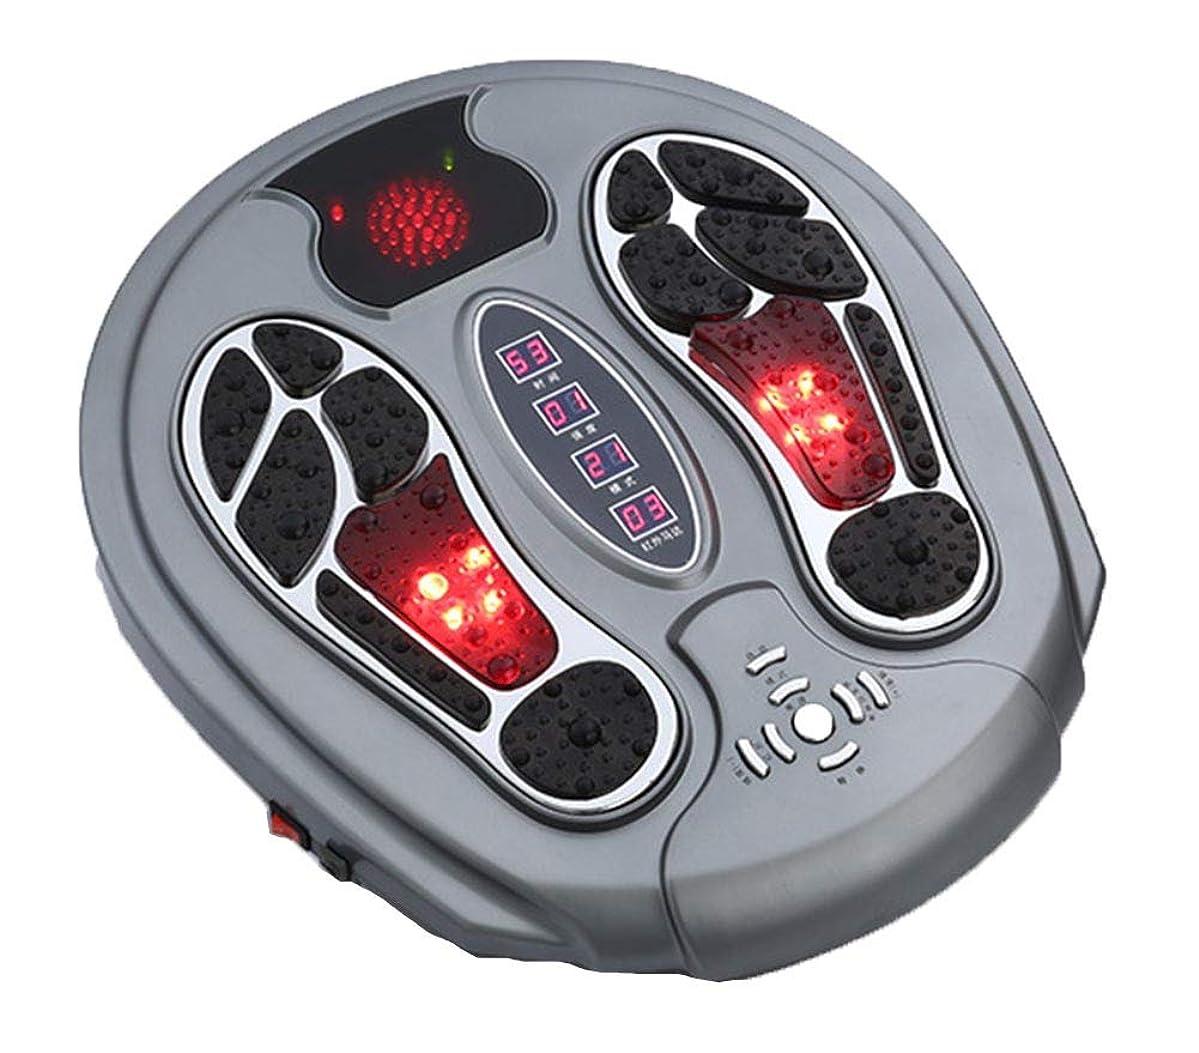 調整可能Foot Massager Stimulator - Booster Circulation、身体を刺激する99の強度設定、赤外線機能付き リラックス